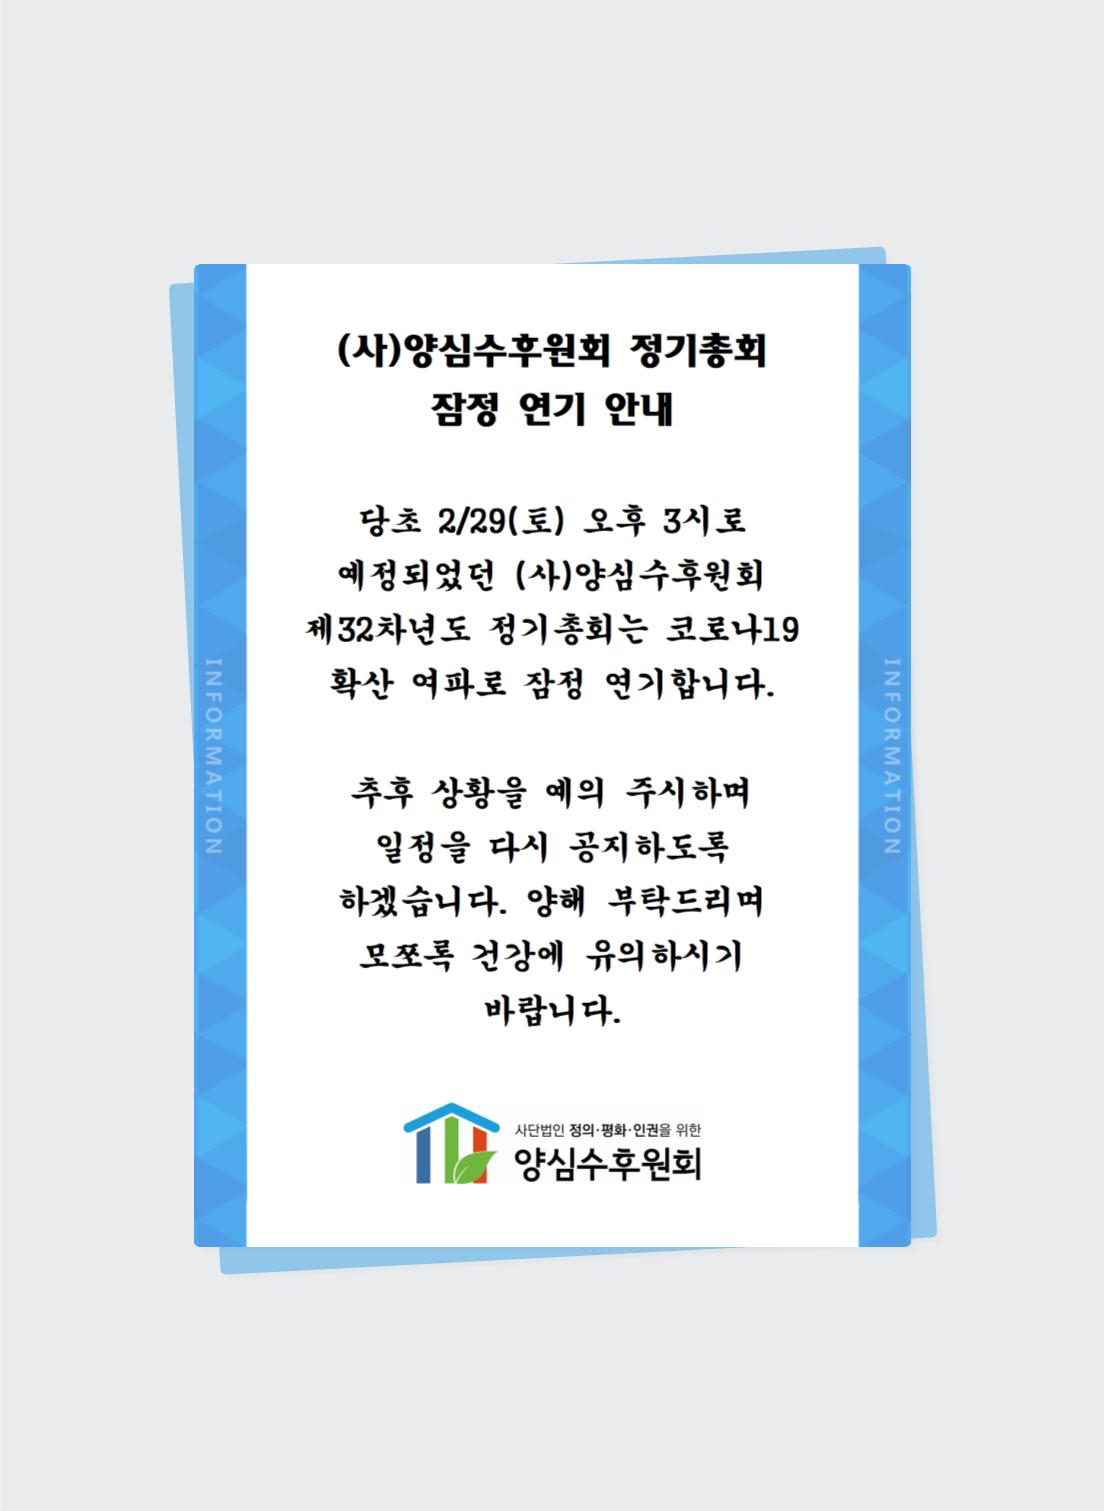 c3a550e7-2d95-46c0-bdec-64c56104ebf4.pdf-0002.png